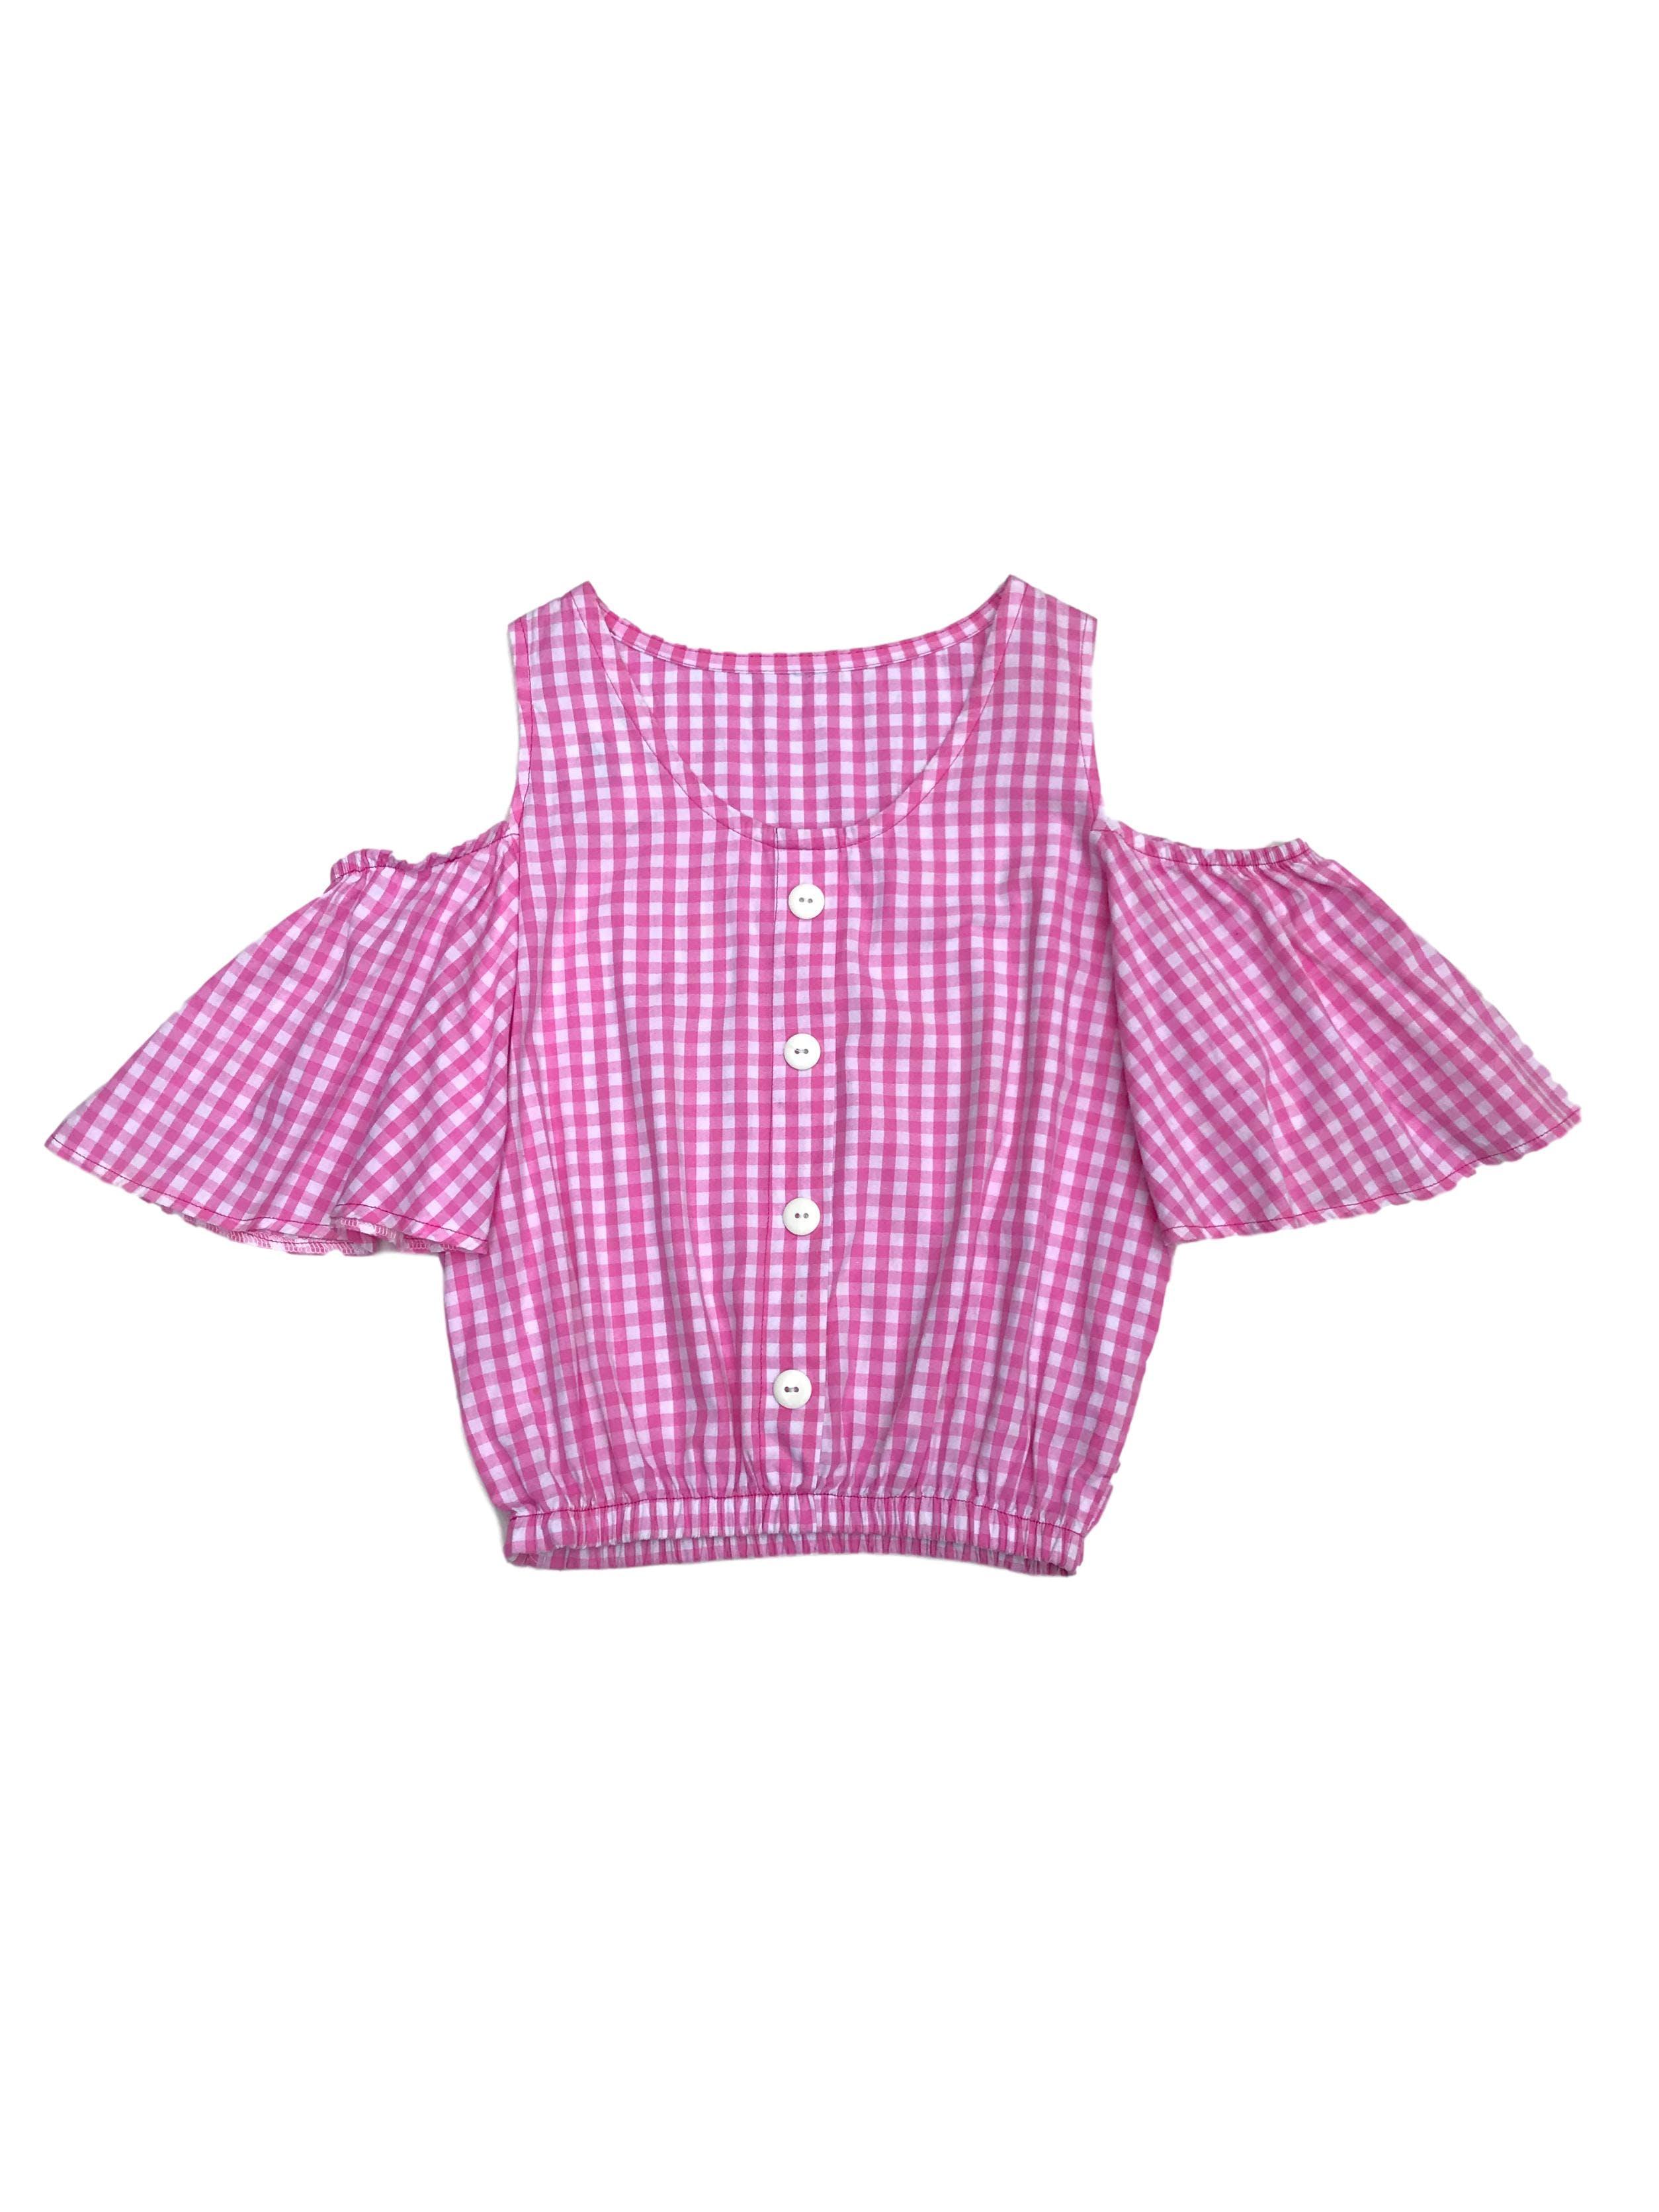 Blusa de vichy a cuadros blancos y rosados, calado en los hombros, elástico en las mangas y basta, botones en el centro